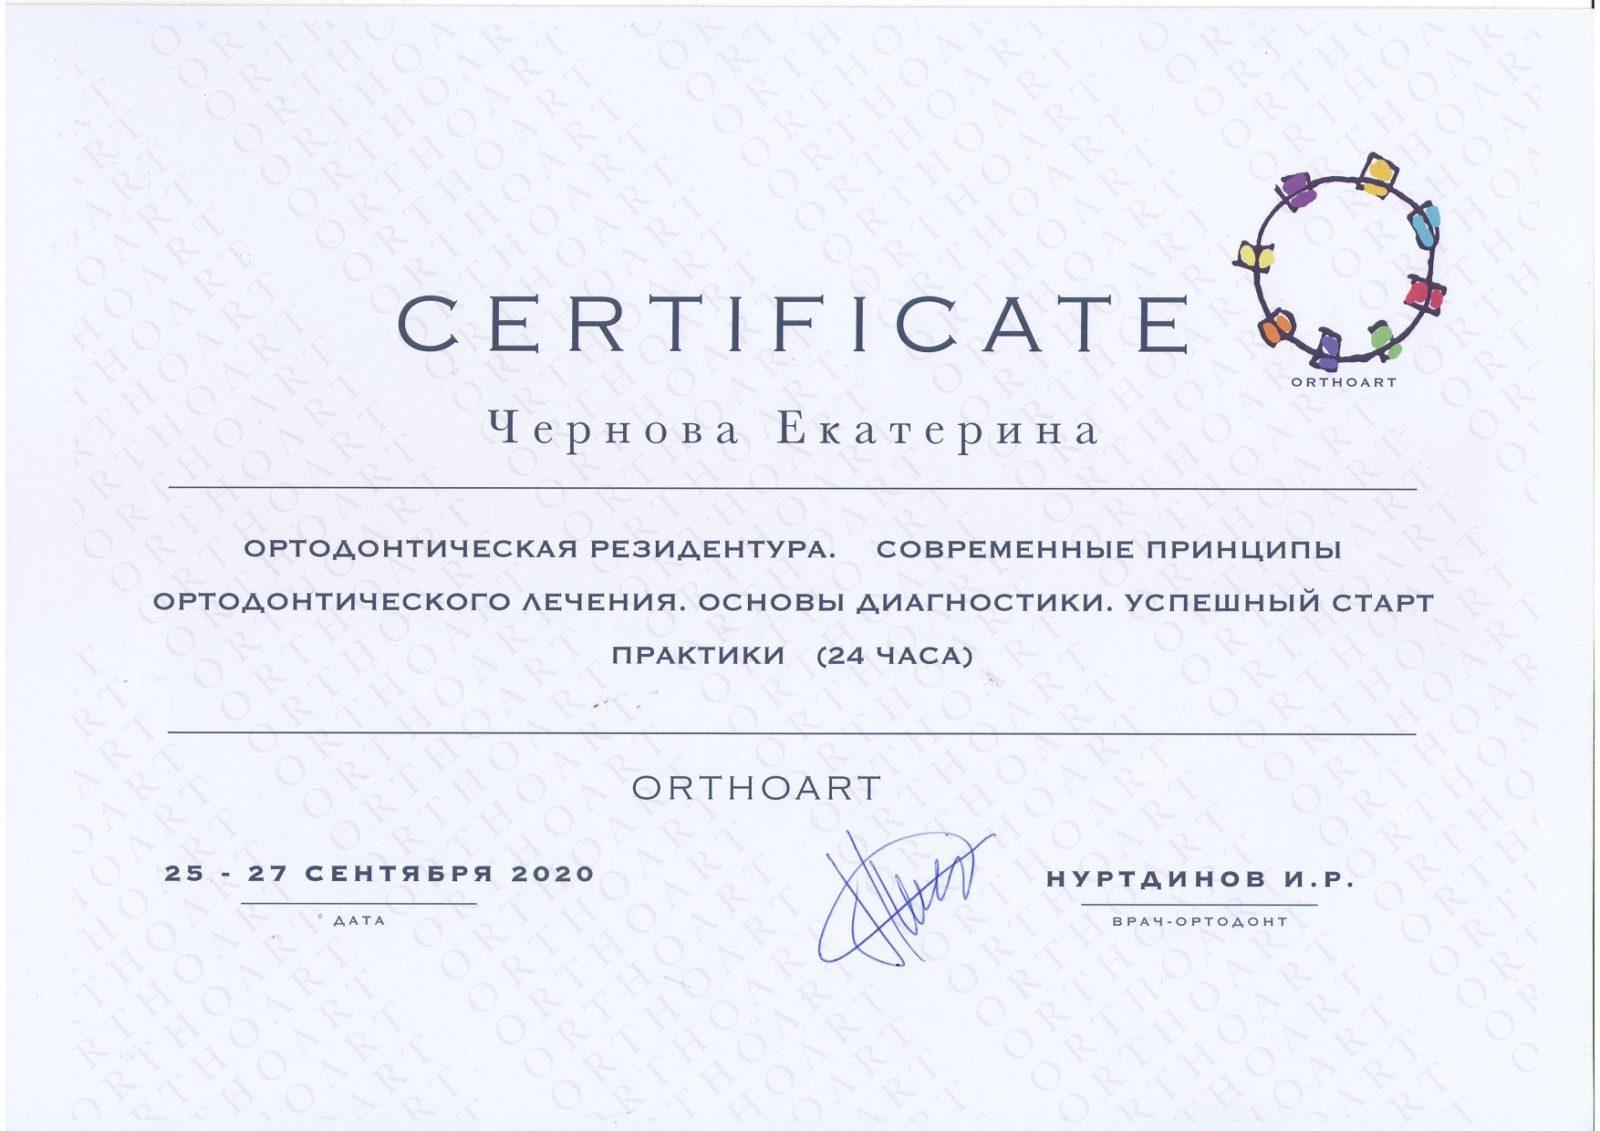 https://oris-vidnoe.ru/wp-content/uploads/2021/06/chernova-2.jpg